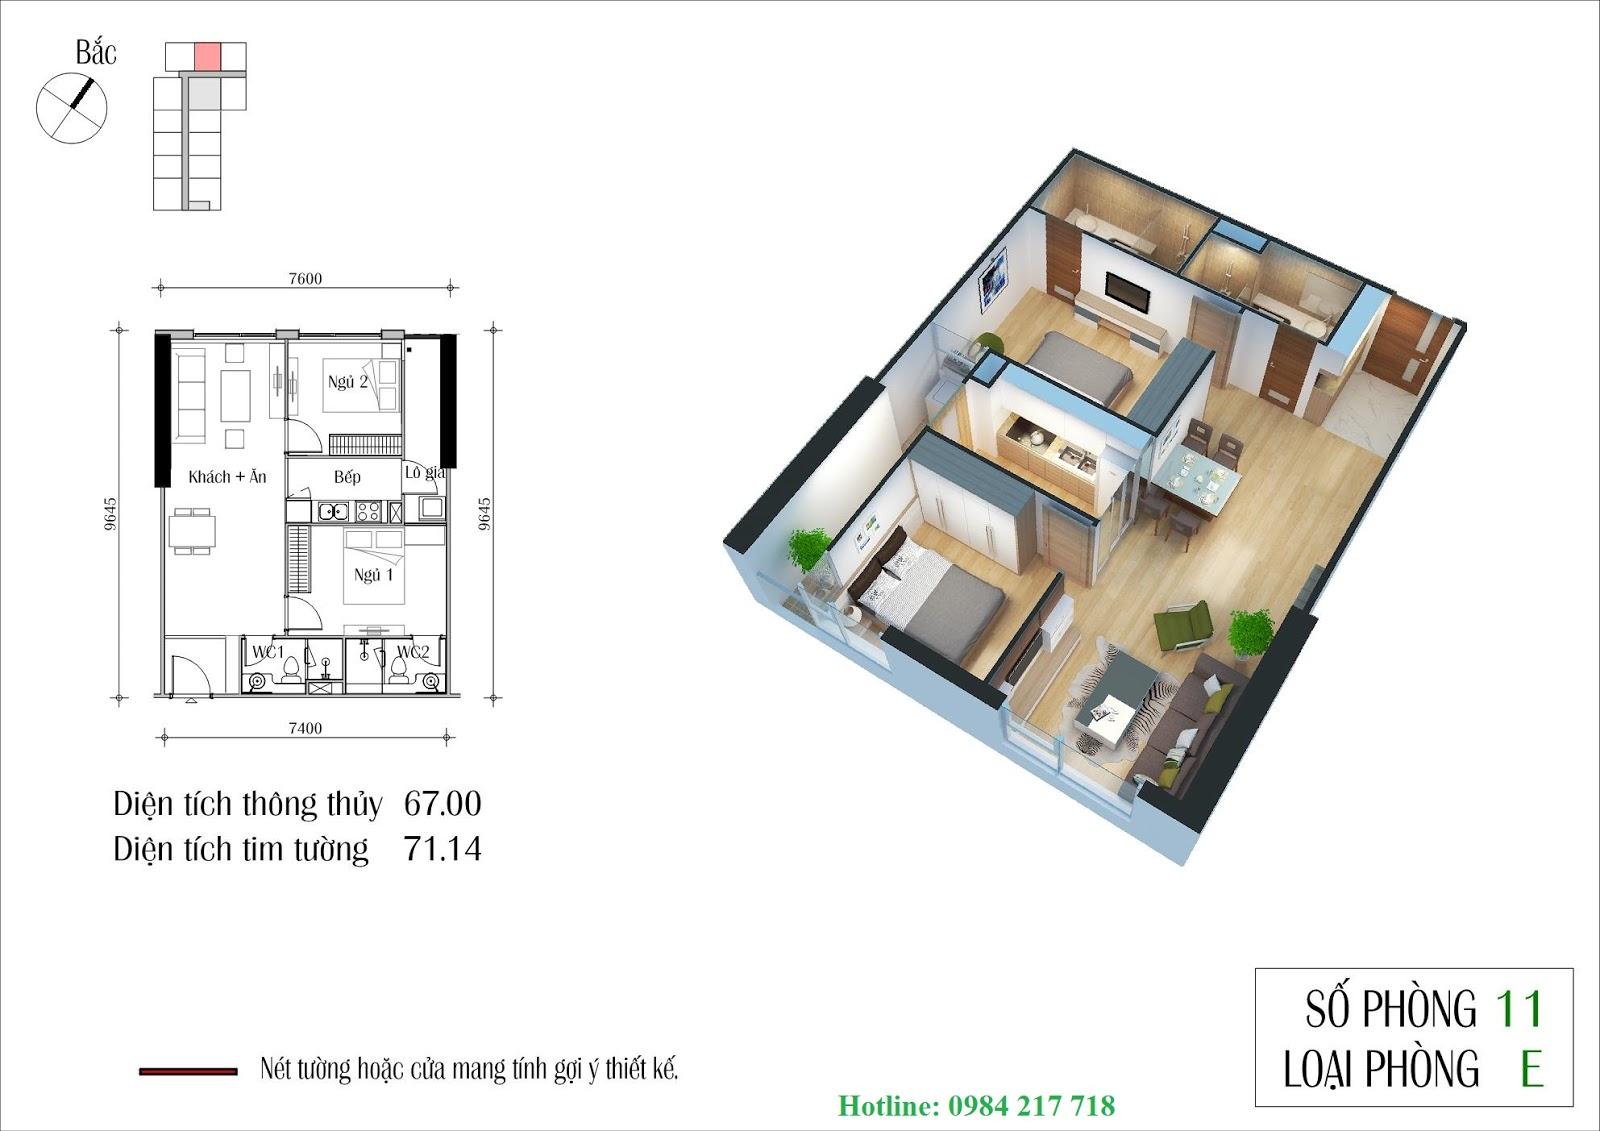 thiết kế chi tiết Tòa ct1 căn hộ 2611A Dự án Eco Green City Nguyễn Xiển